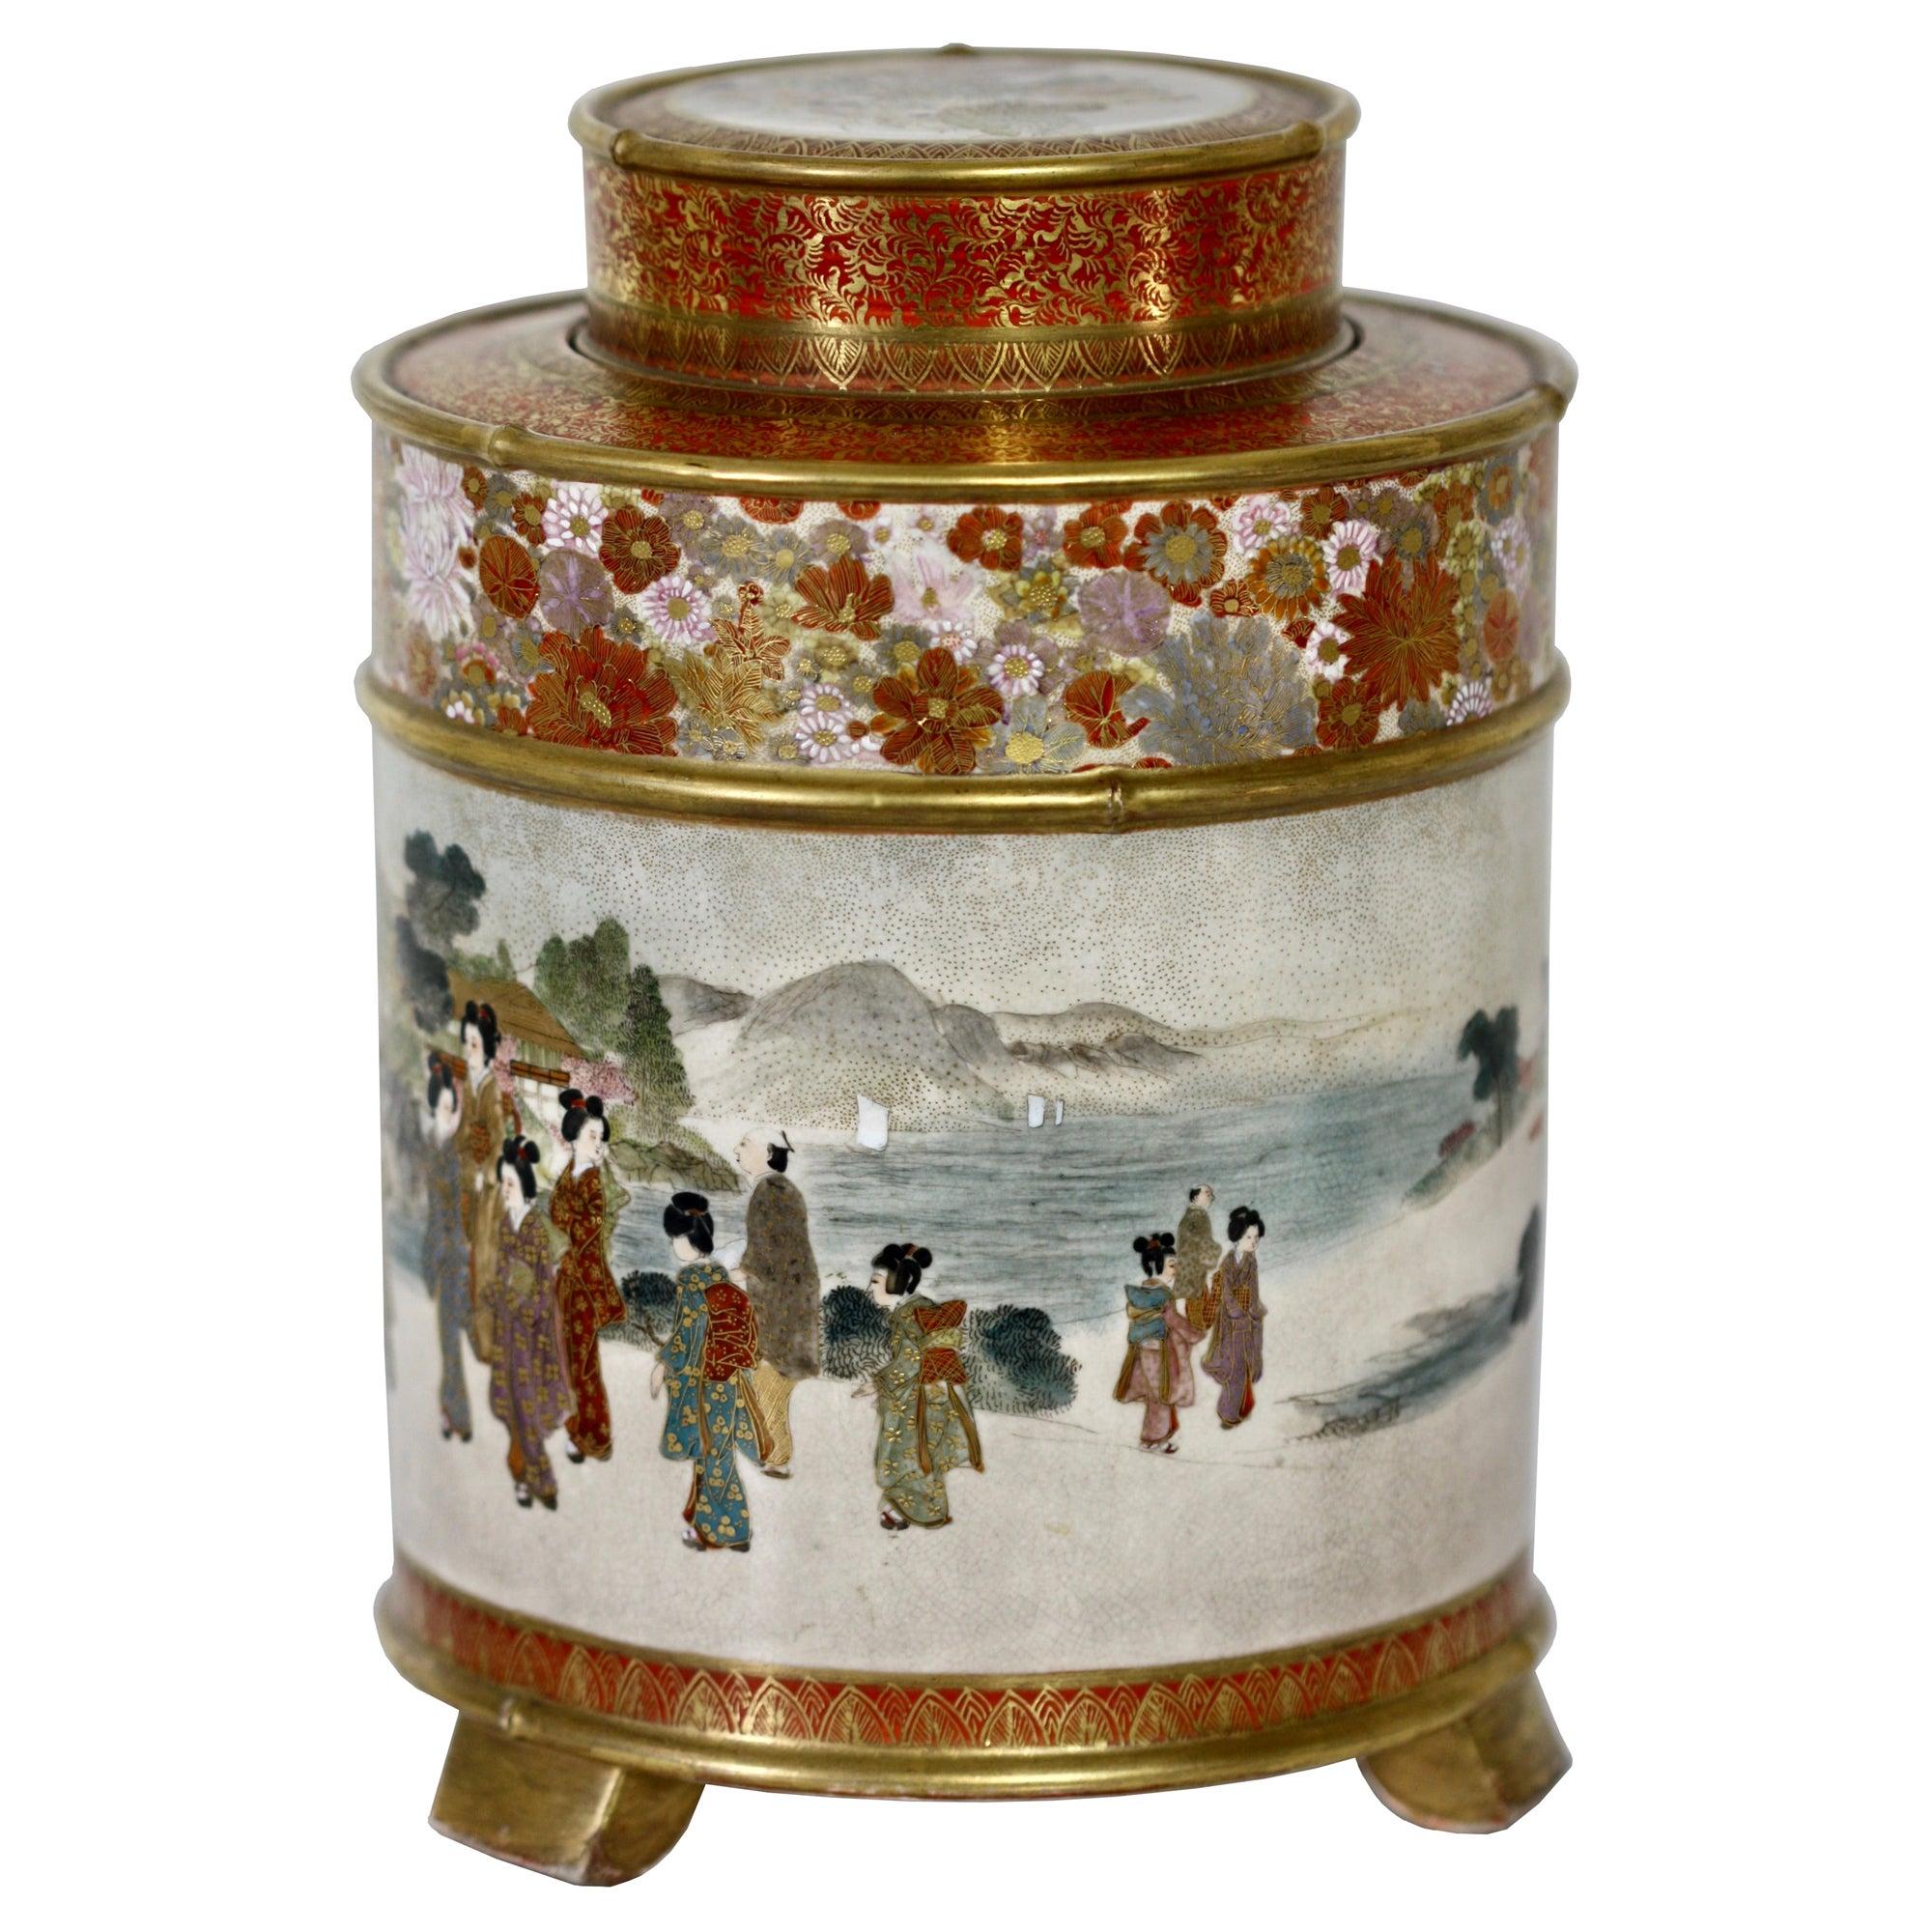 Japanese Satsuma Cylindrical Koro and Cover, Signed Gyokuzan, Meiji Period